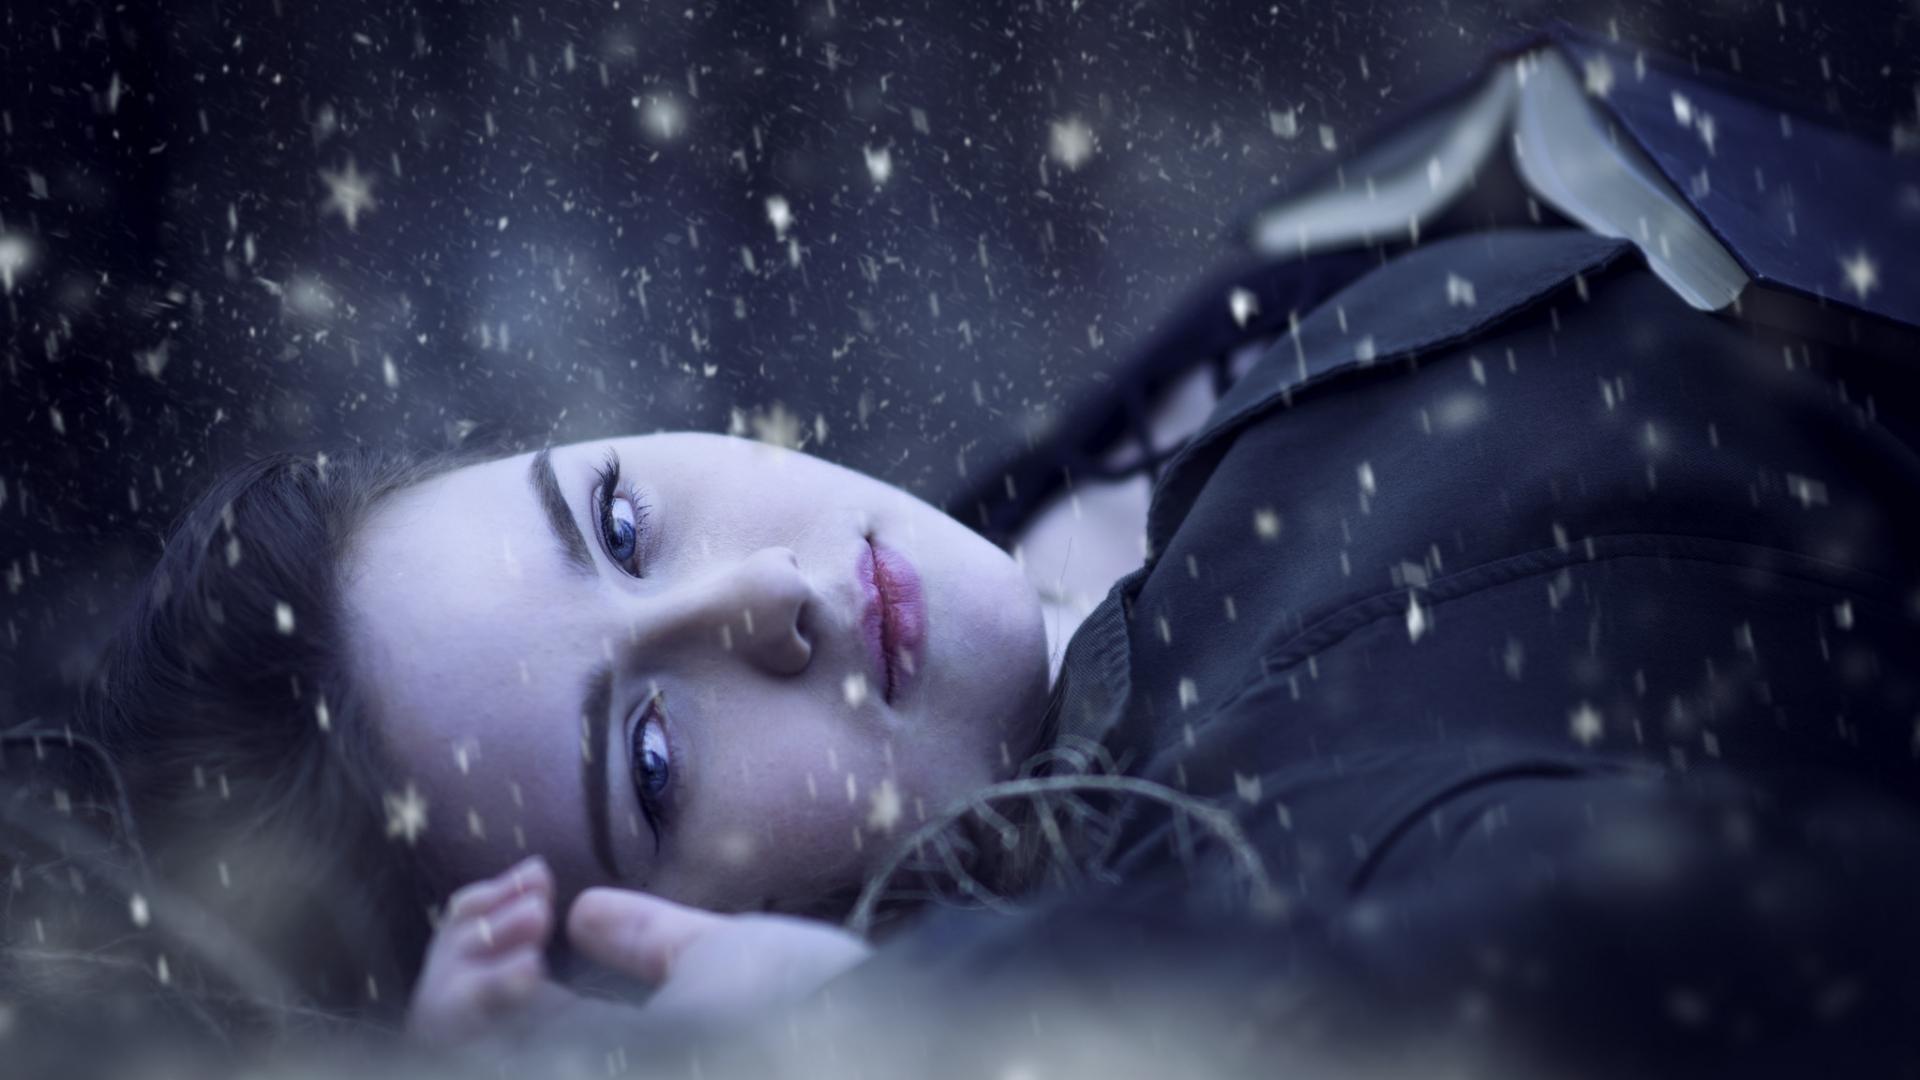 Retrato bajo la nieve - 1920x1080